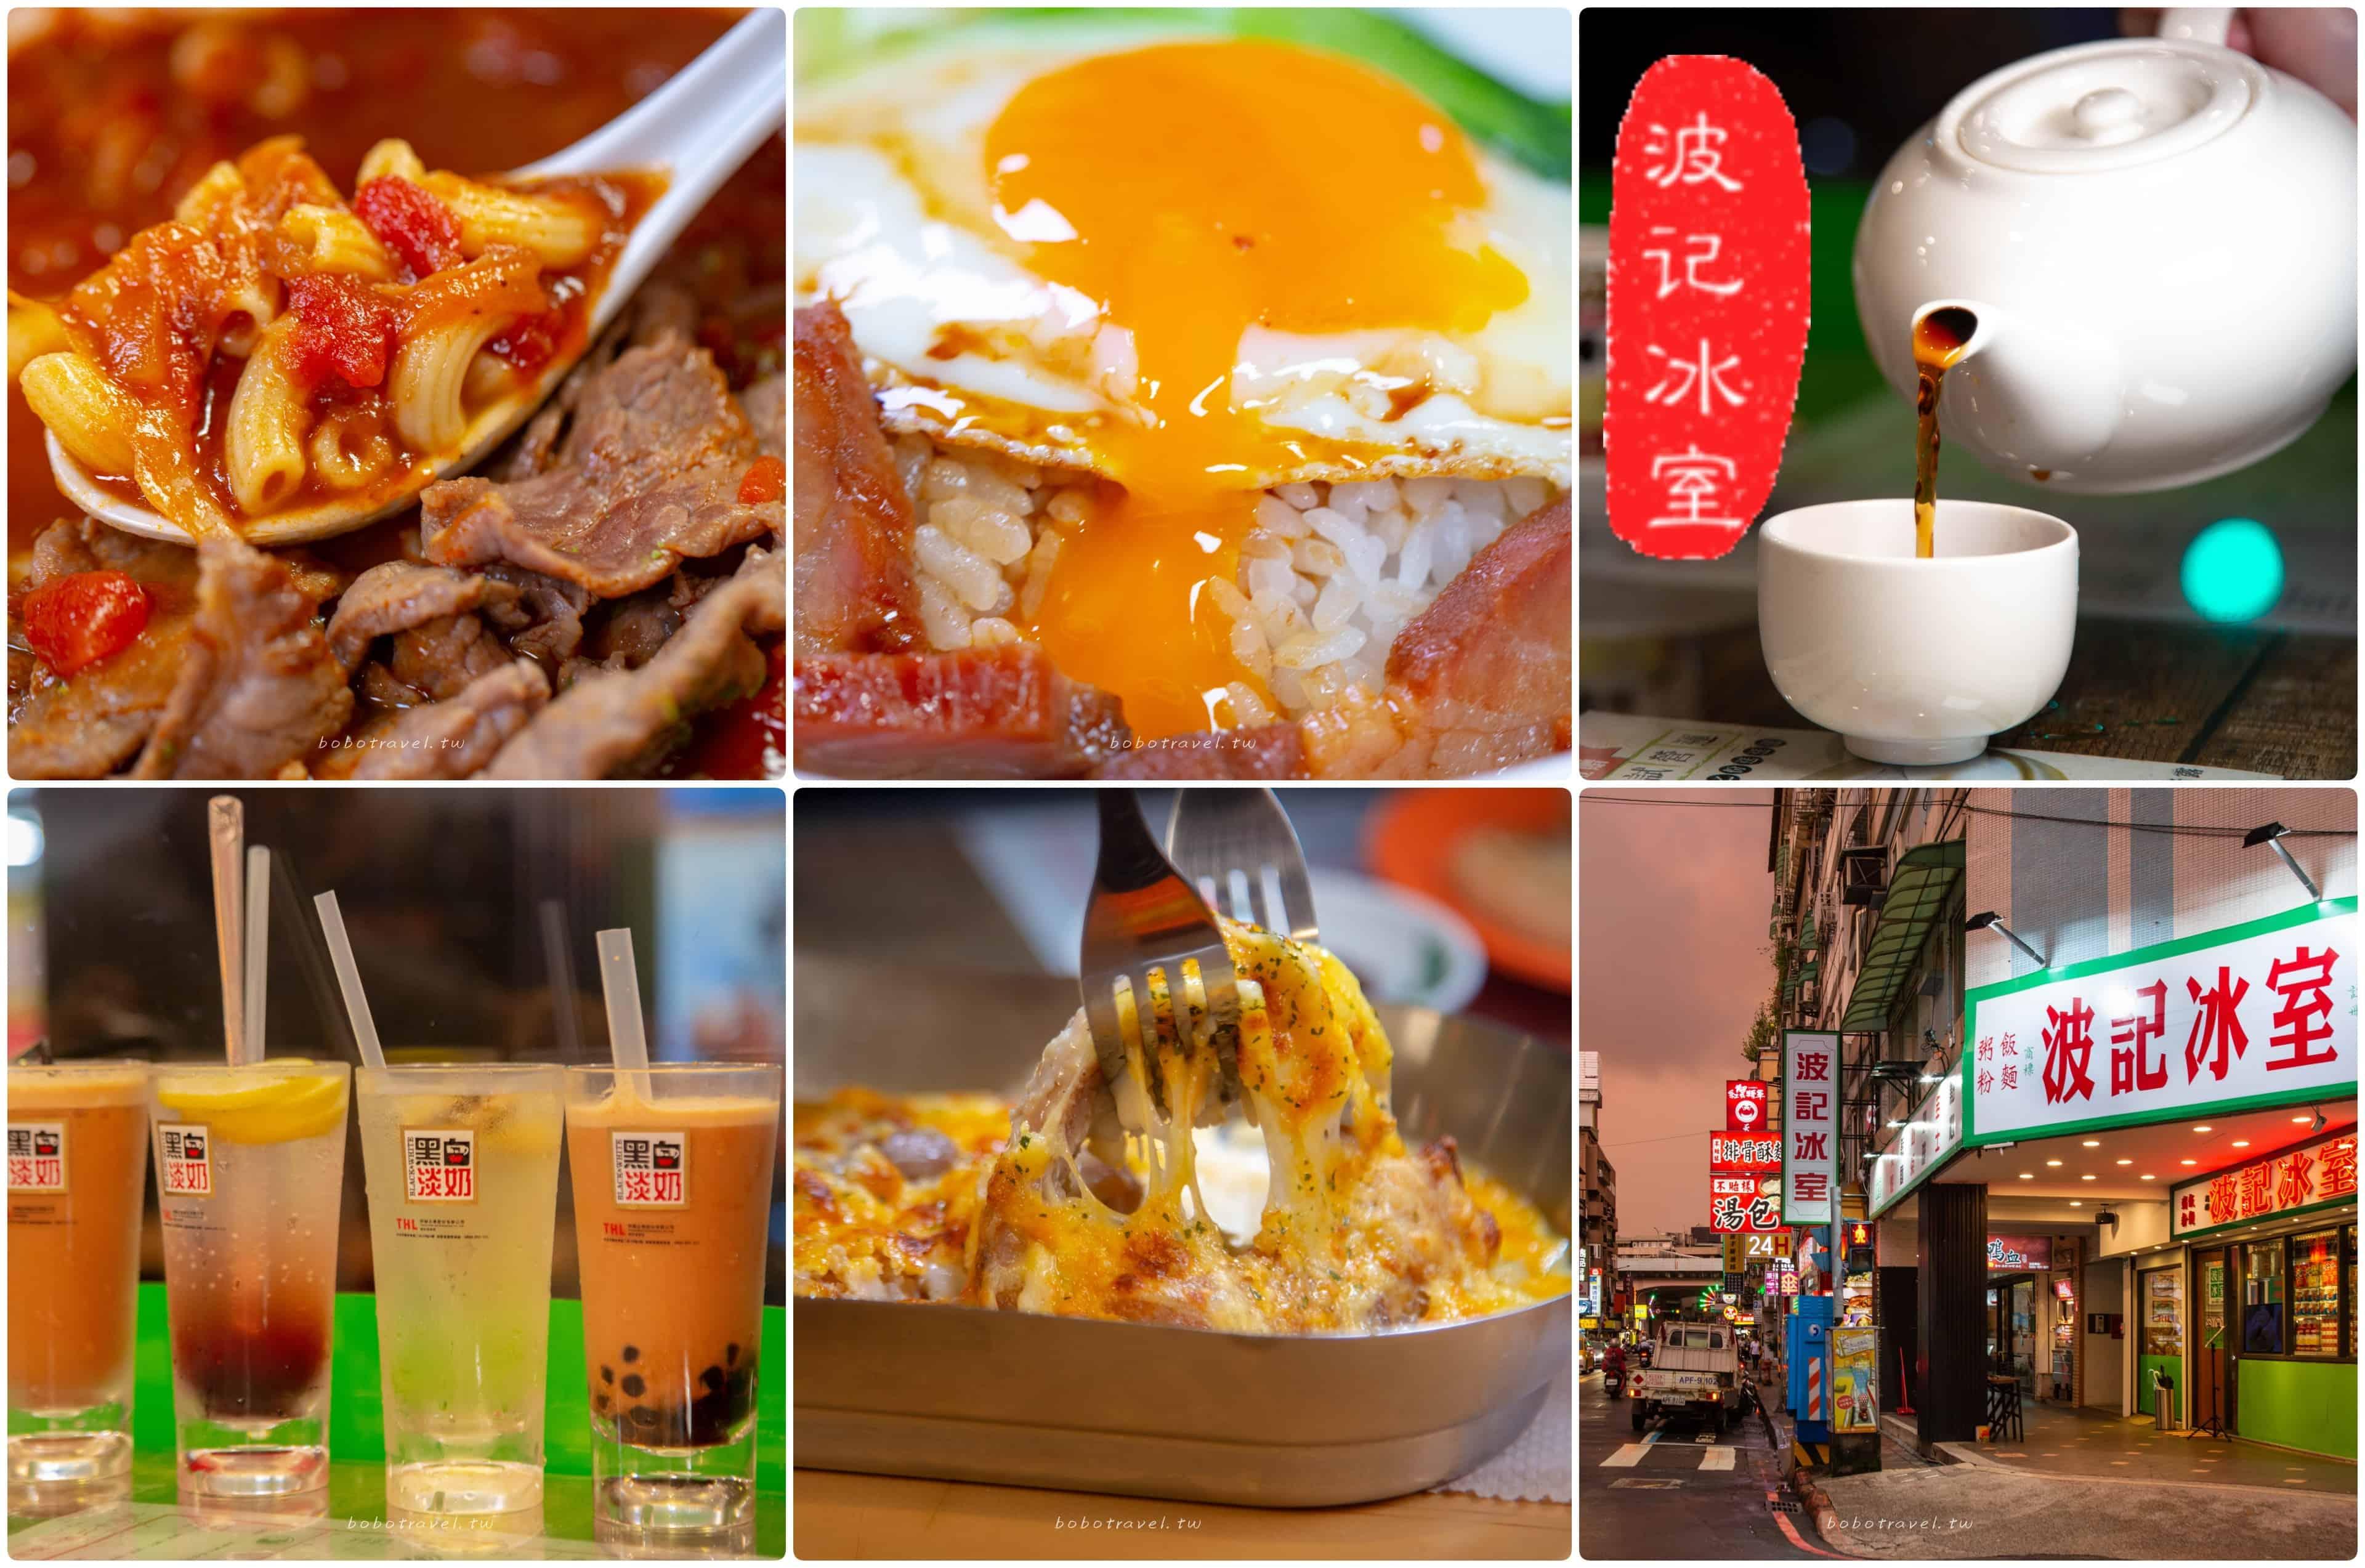 波記冰室、國父紀念館延吉街美食|台北也有香港老靈魂!波記茶餐廳又一力作,經典港式料理重現江湖